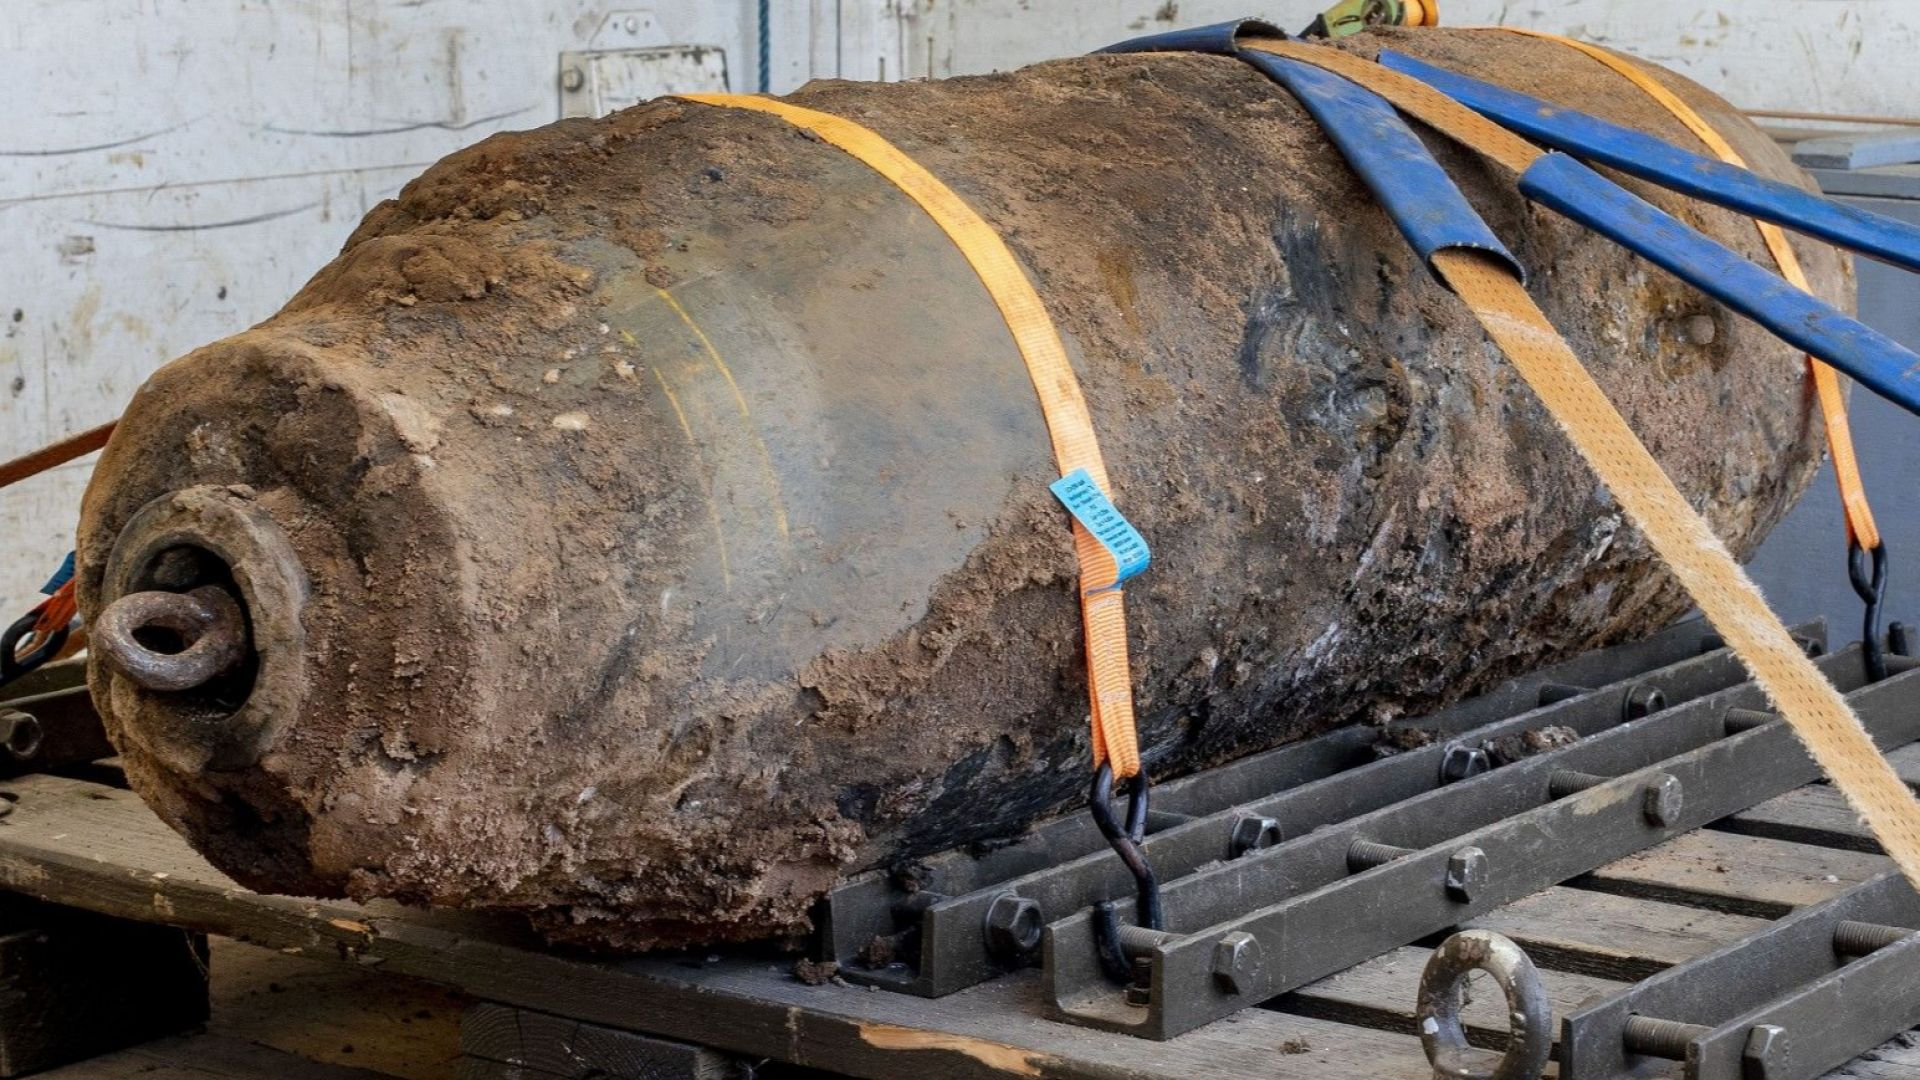 Обезвредиха 500-килограмова US бомба от ВСВ до Европейската централна банка